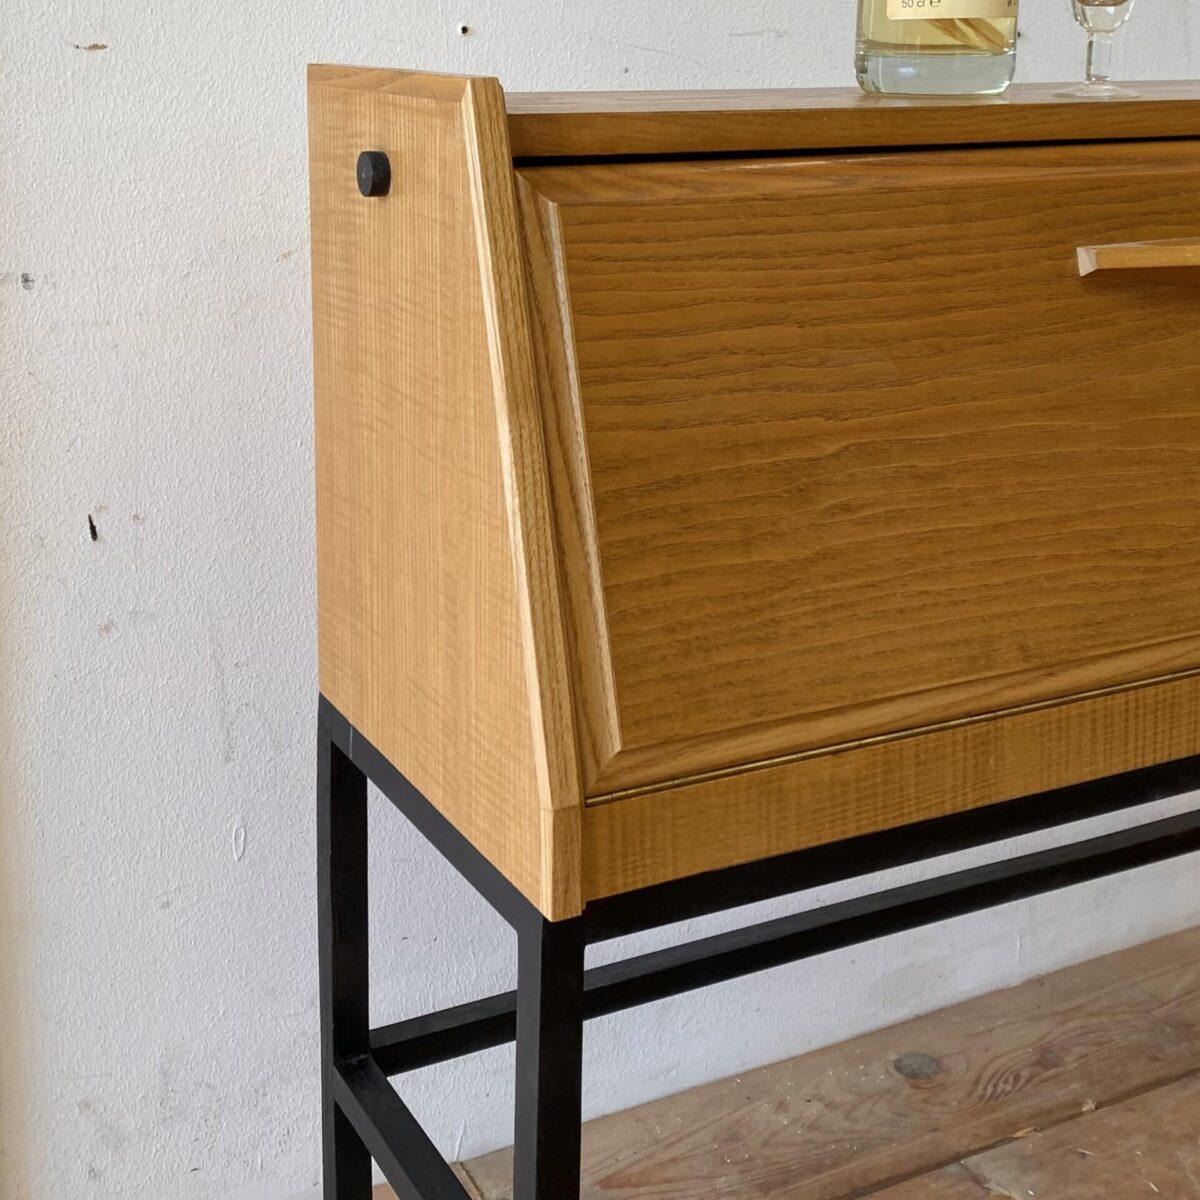 Deuxieme.shop swissdesign Sideboard Corta Multiform 50er Jahre. Kleines Sideboard Eschenholz furniert mit Klappe, aus den 50er Jahren. 93x27cm Höhe 77cm. Die Kommode kann mit kleineren Flaschen als Barschränkli eingesetzt werden. Der feingliedrige Holzunterbau ist minimal verzogen aber stabil.